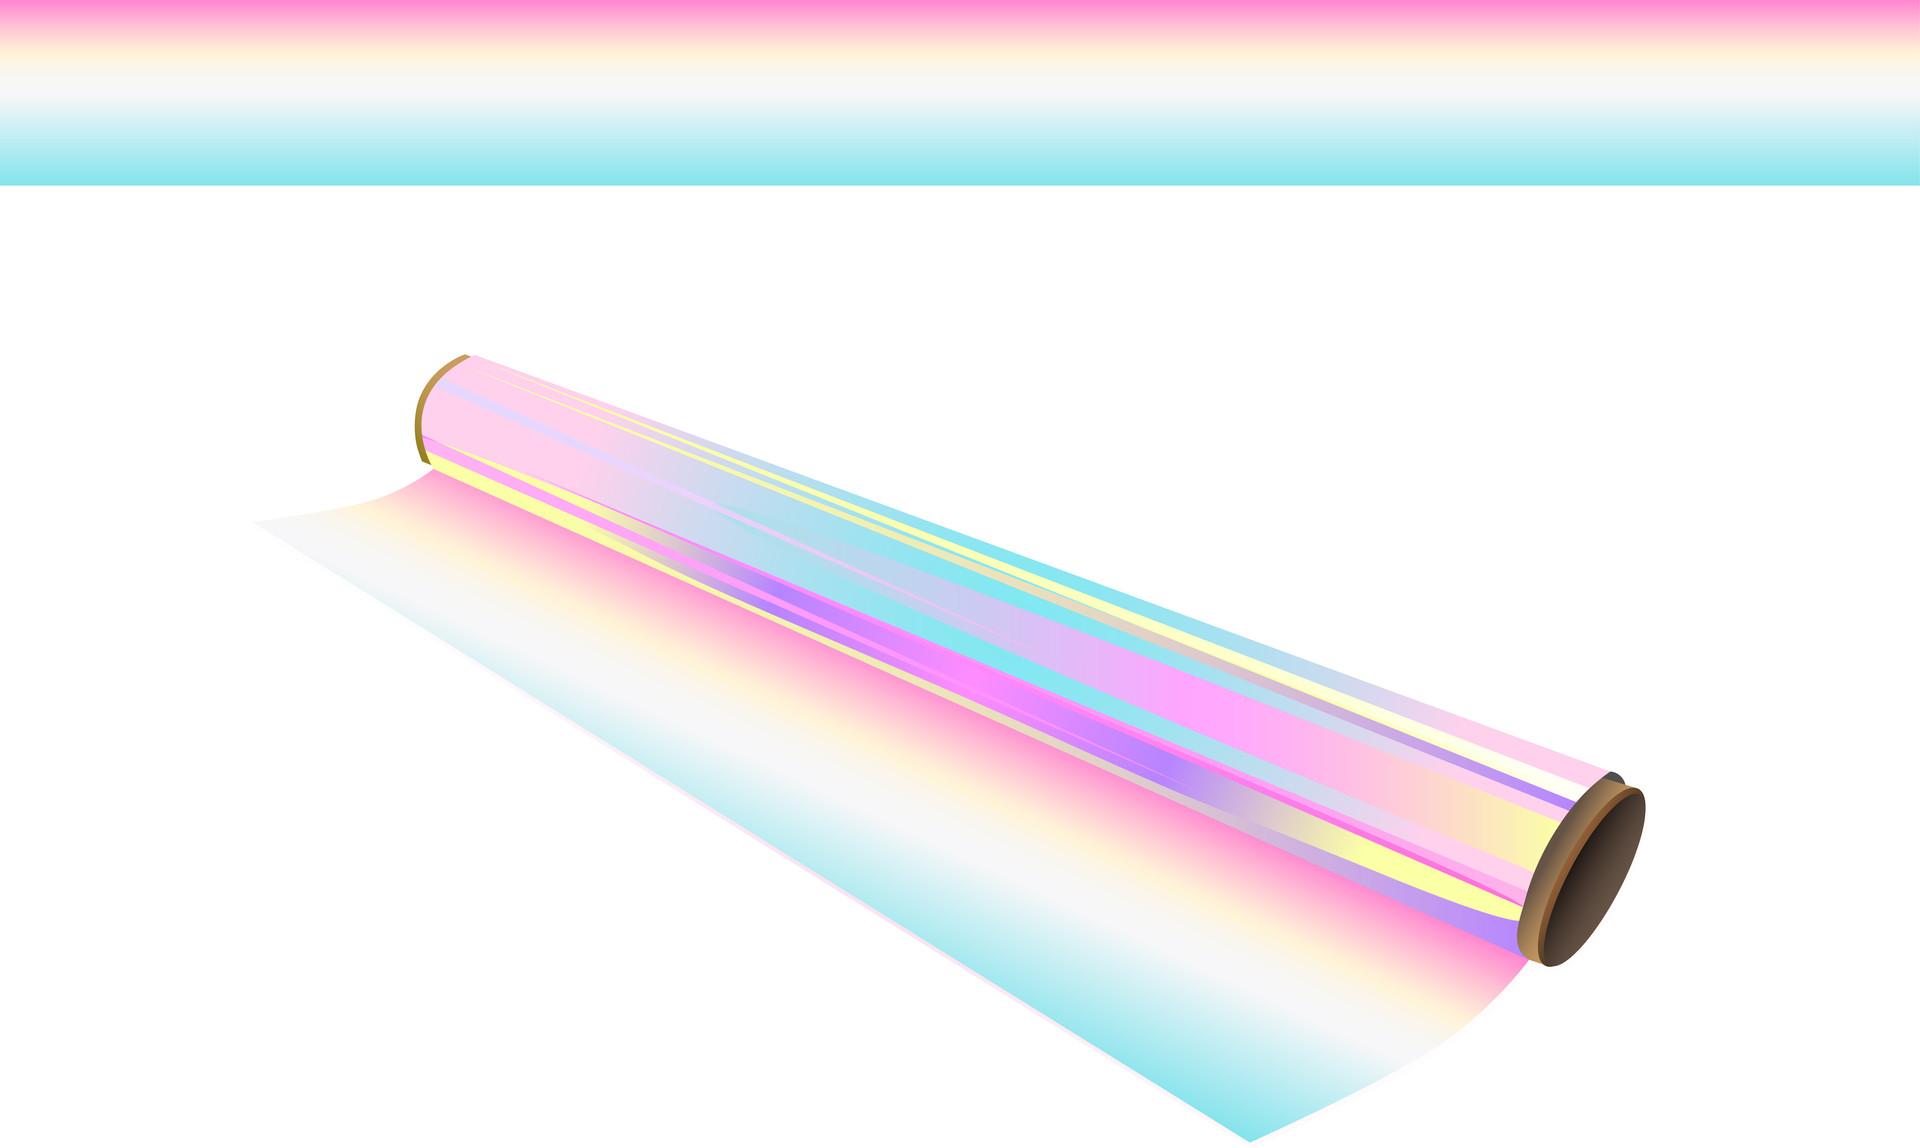 Lámina anti-deocloración lámina solar